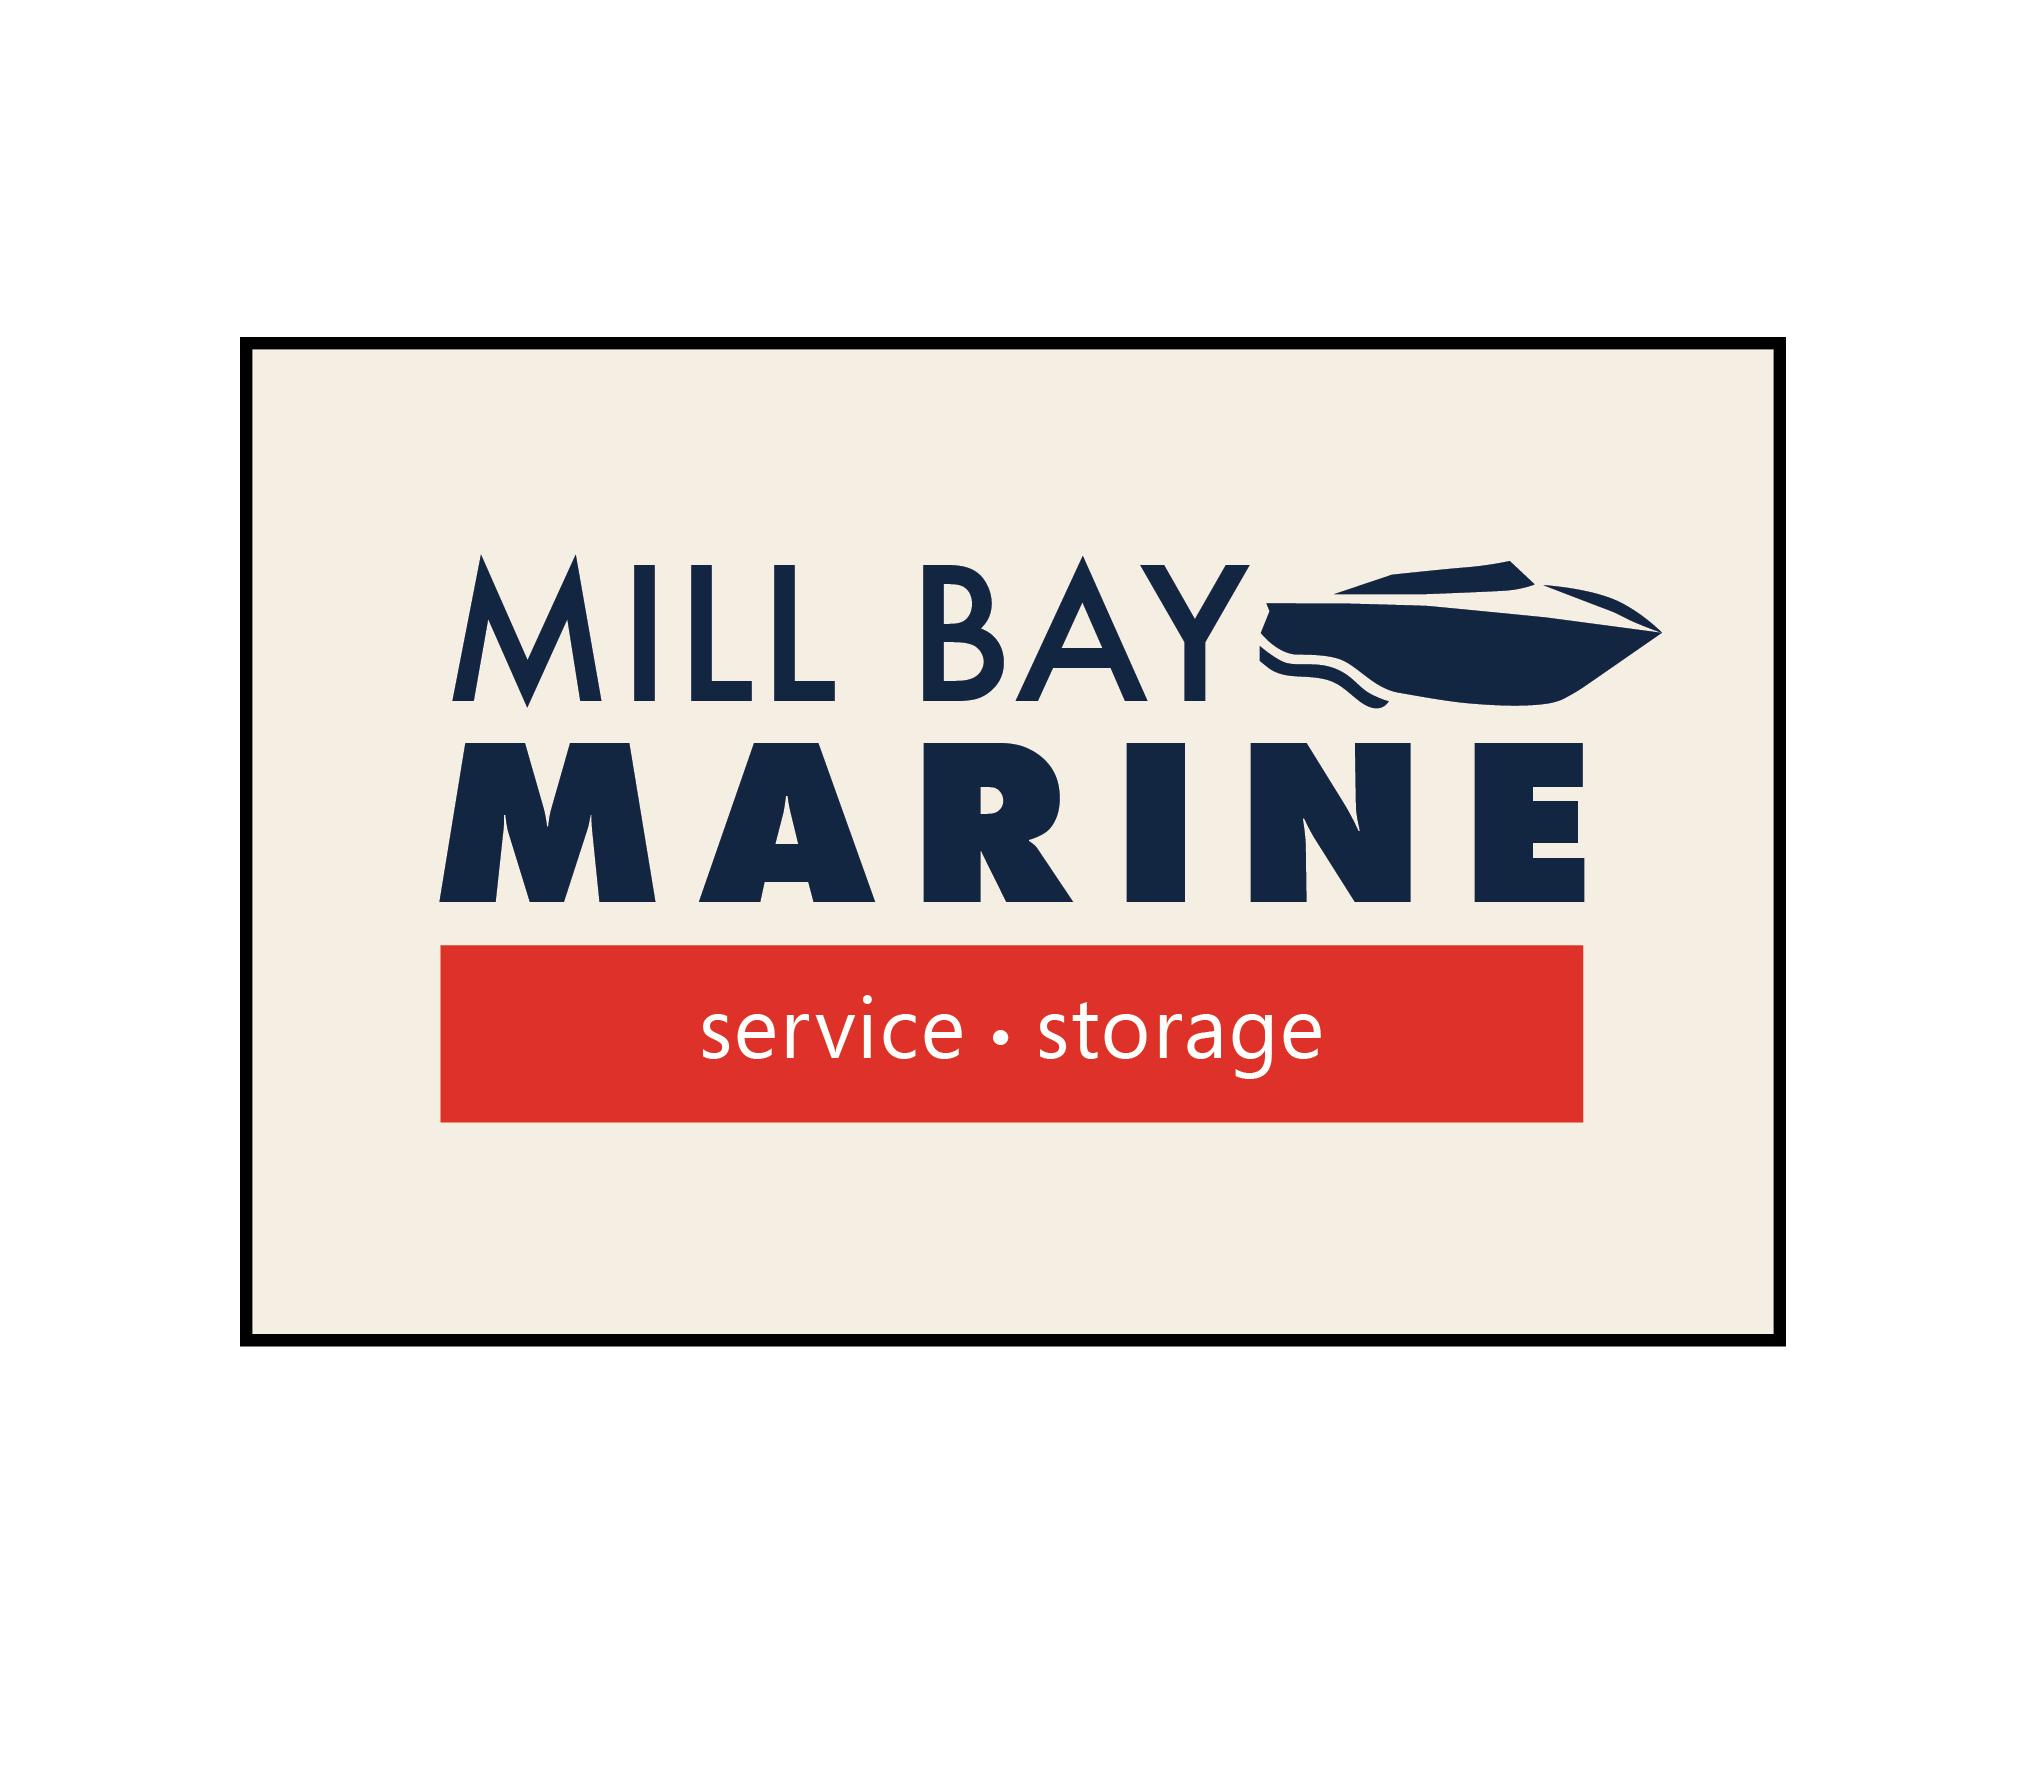 MillBayMarine_300.png